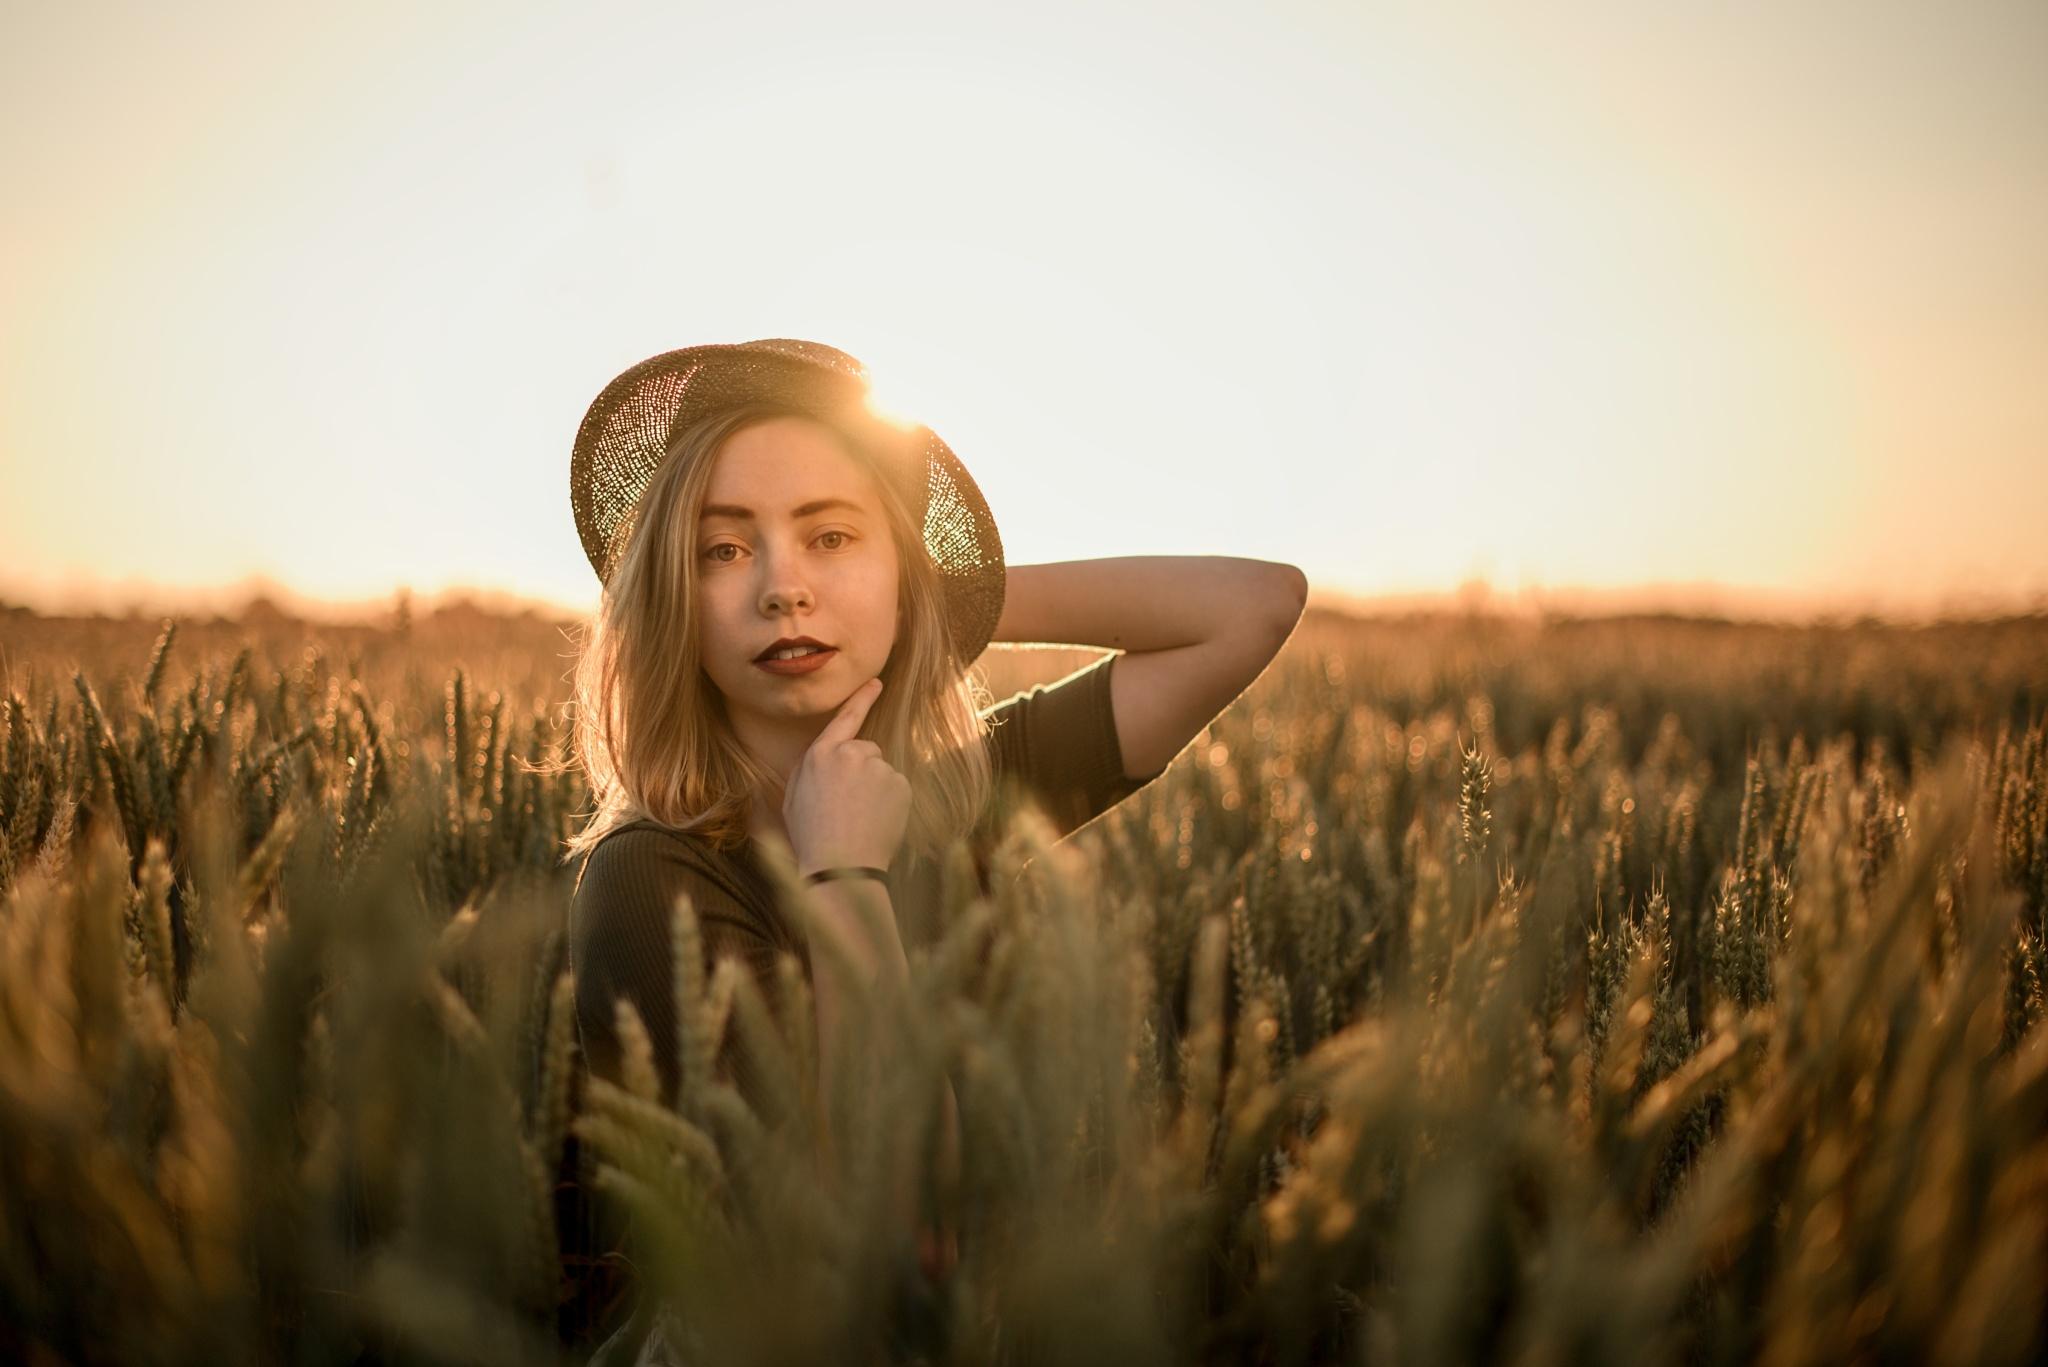 Zlatá hodinka, květiny a koupání: Přečtěte si, co a jak fotit v létě dívka v poli